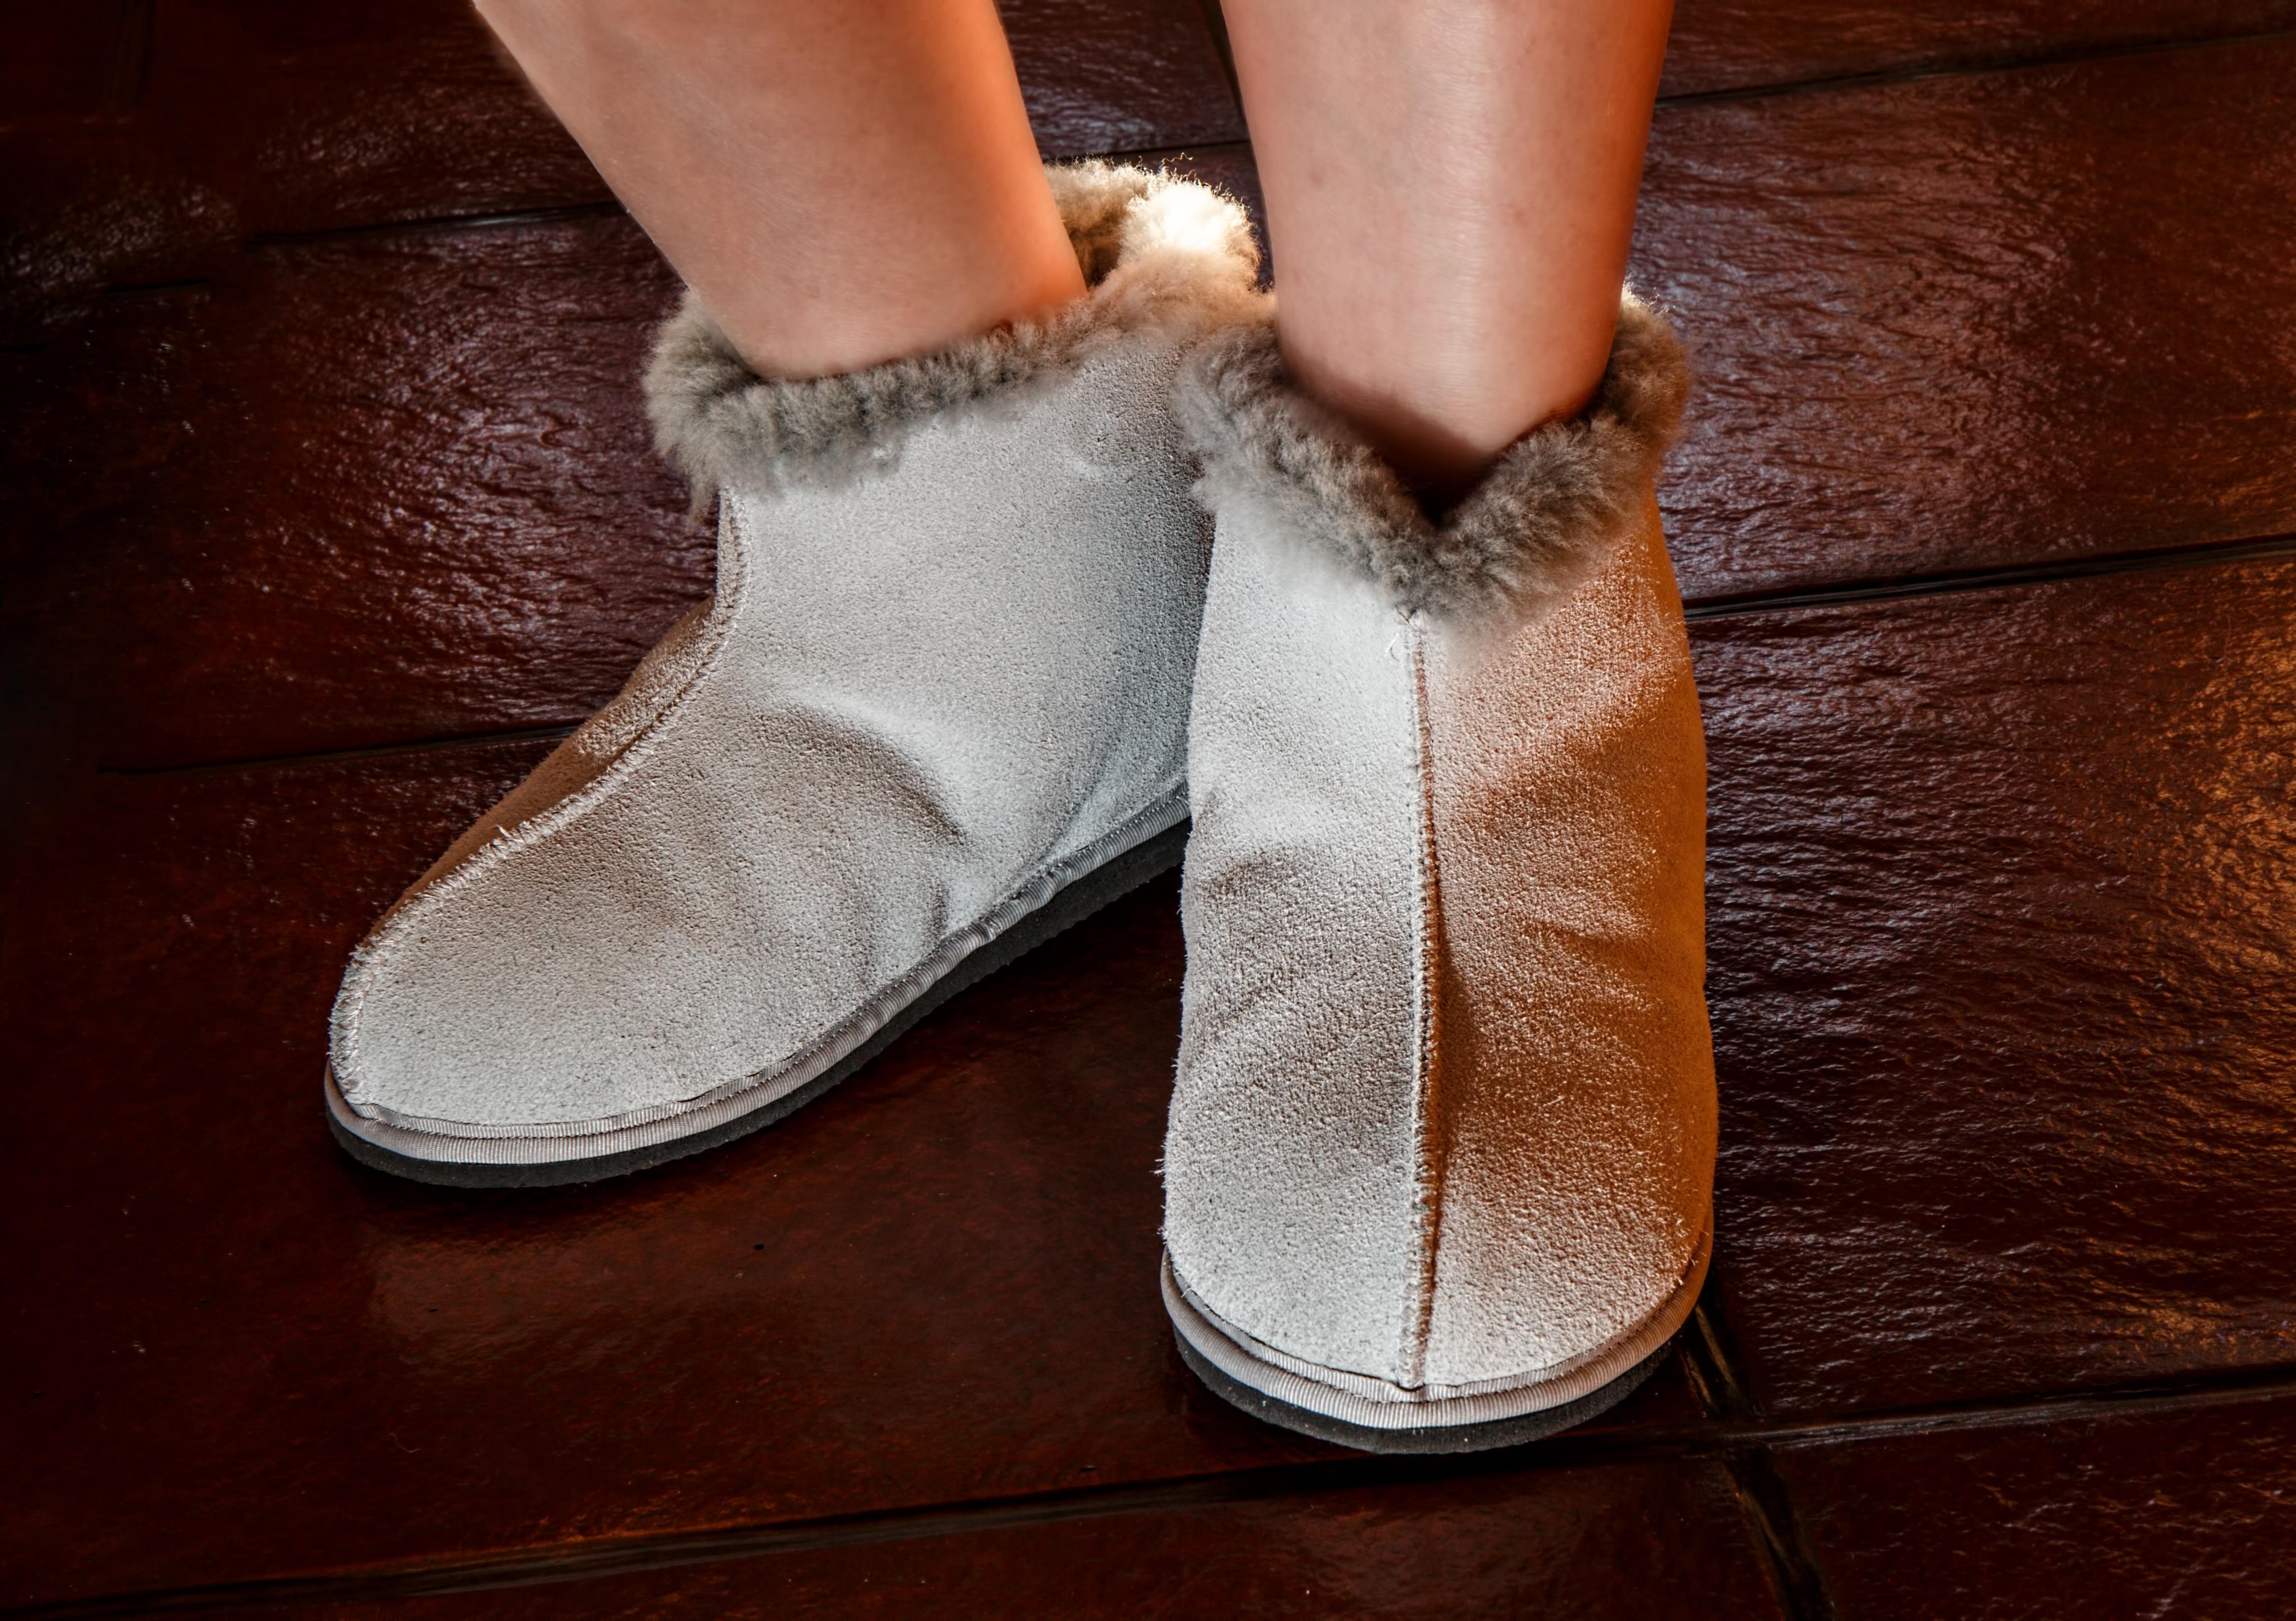 d486a79e2 Banco de imagens : sapato, frio, inverno, couro, caloroso, Pés, Bota,  perna, Primavera, pé, Castanho, confortável, corpo humano, sapatos,  relaxamento, tênis ...